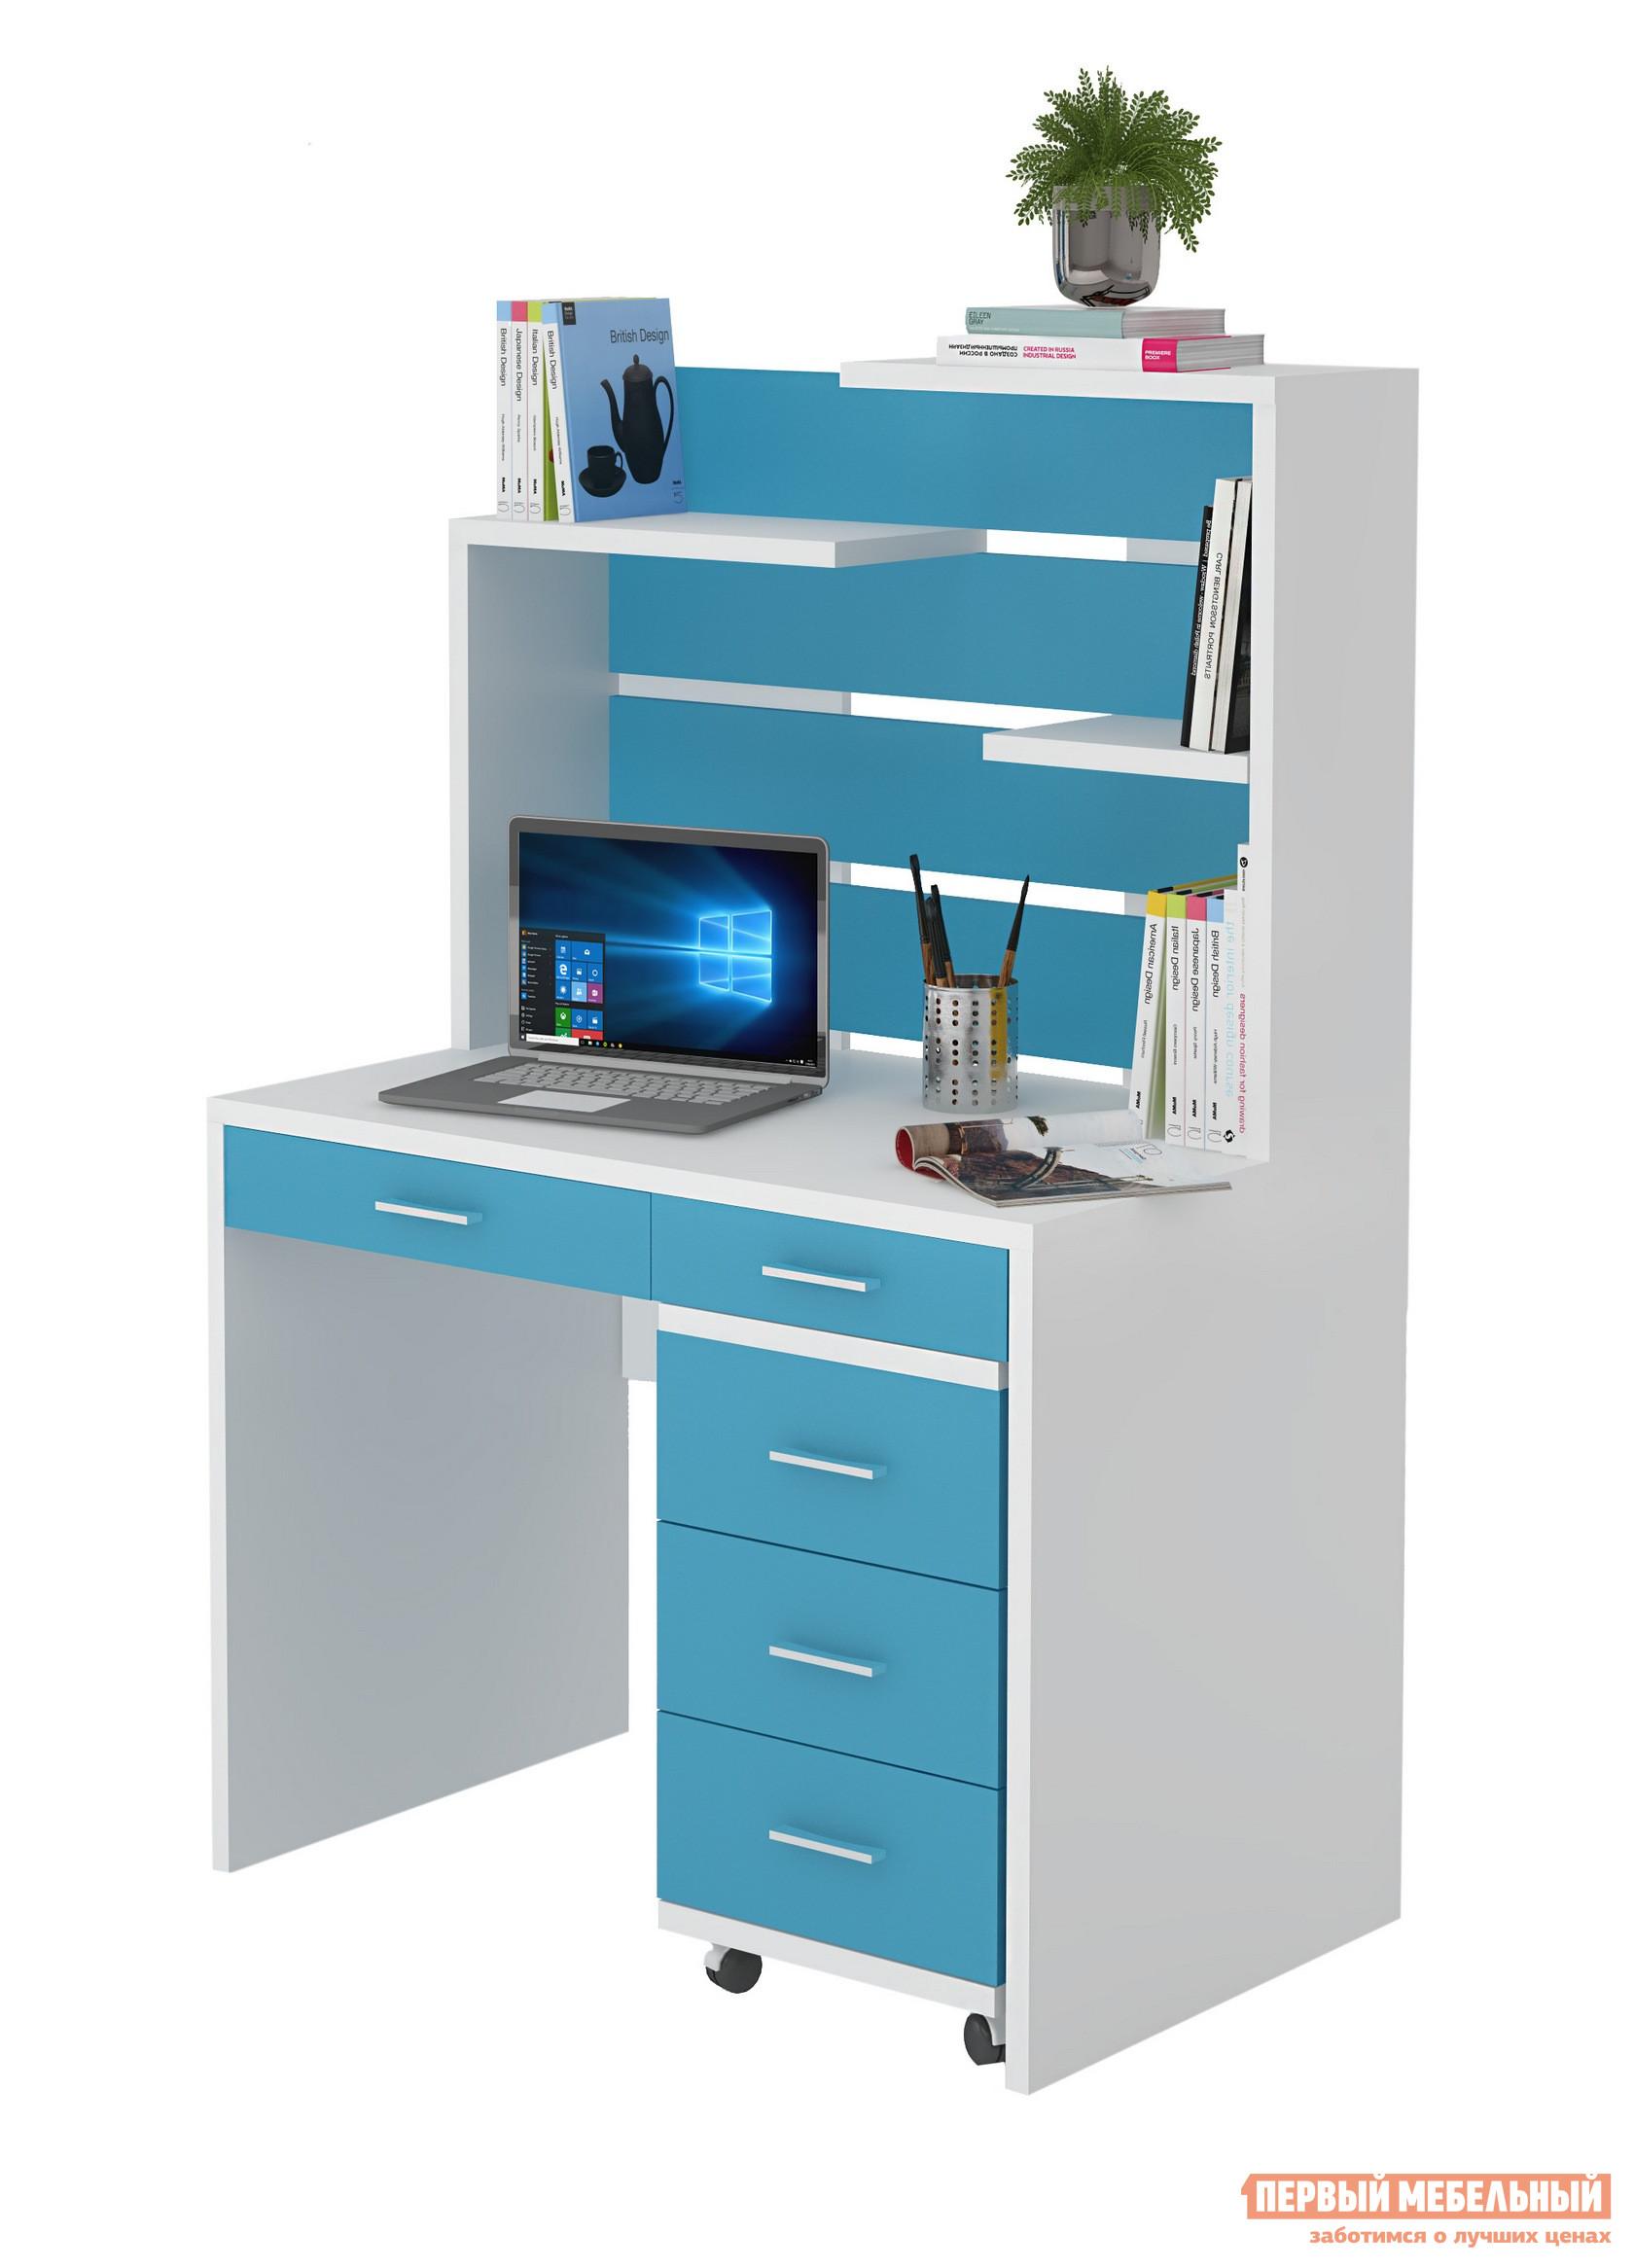 Компьютерный стол детский Мэрдэс СП-22-СП-22Н+ТС-2 hdmi vga 2av reversing driver board 8inch at080tn52 800 600 lcd panel